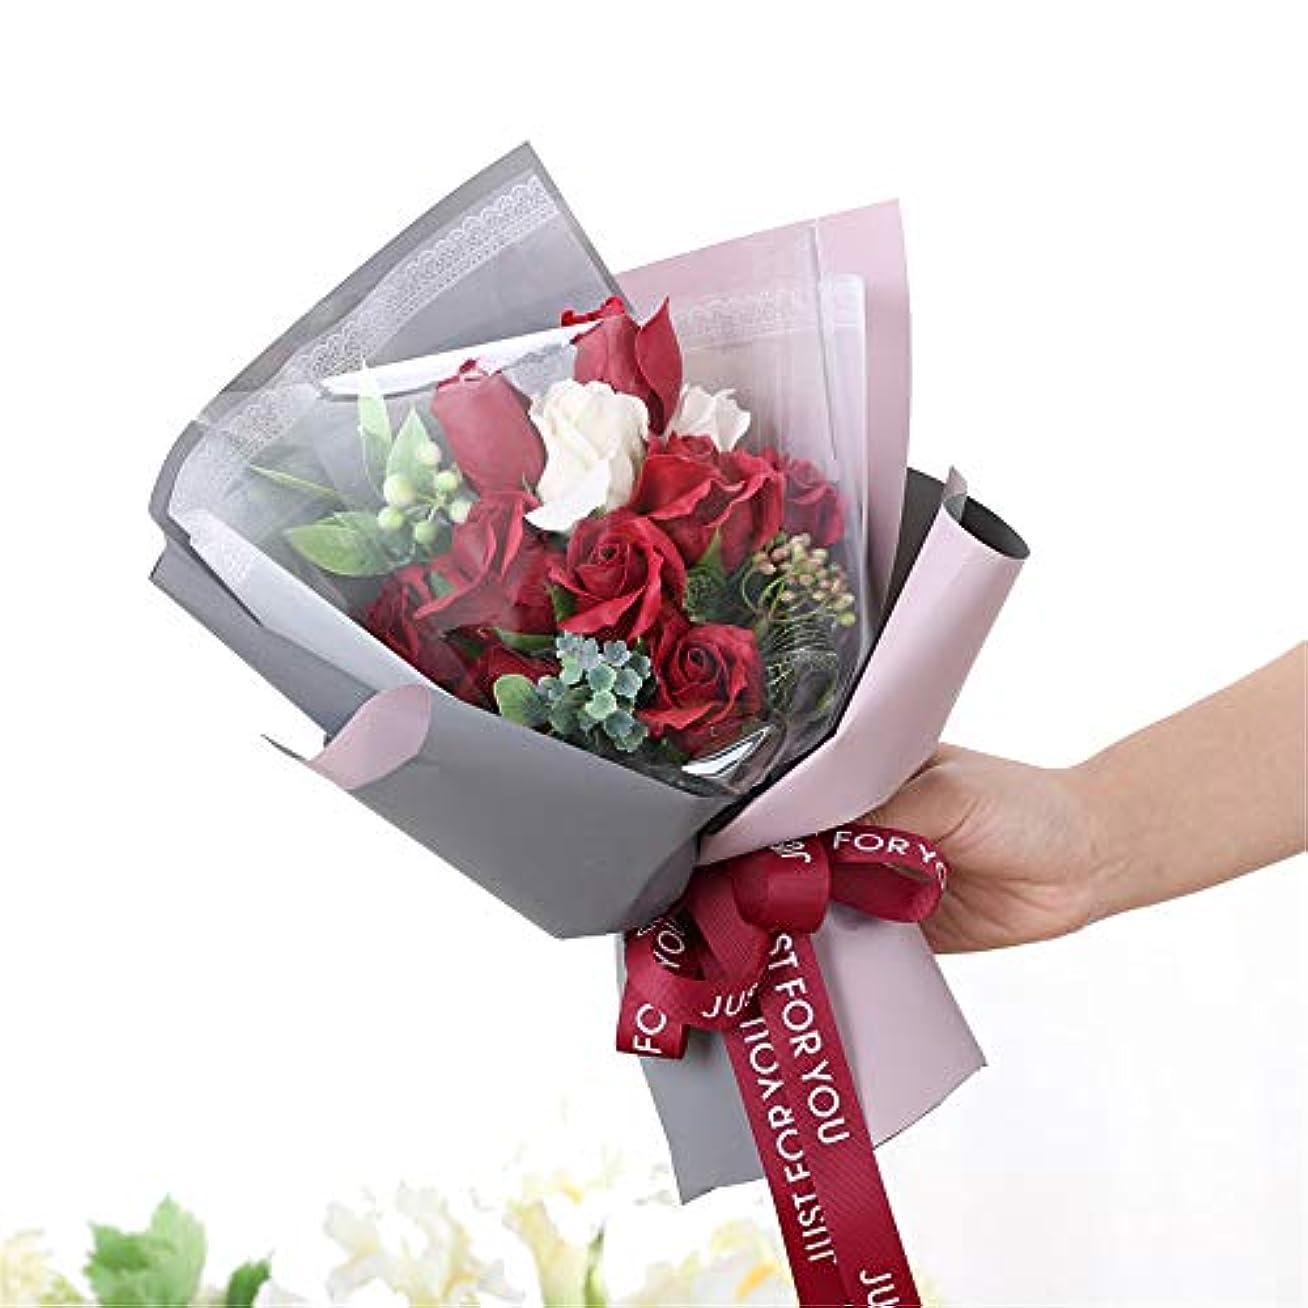 なしで構成員コック手作りのバラ石鹸フラワーブーケのギフトボックス、女性のためのギフトバレンタインデー、母の日、結婚式、クリスマス、誕生日を愛した女の子 (色 : 赤)